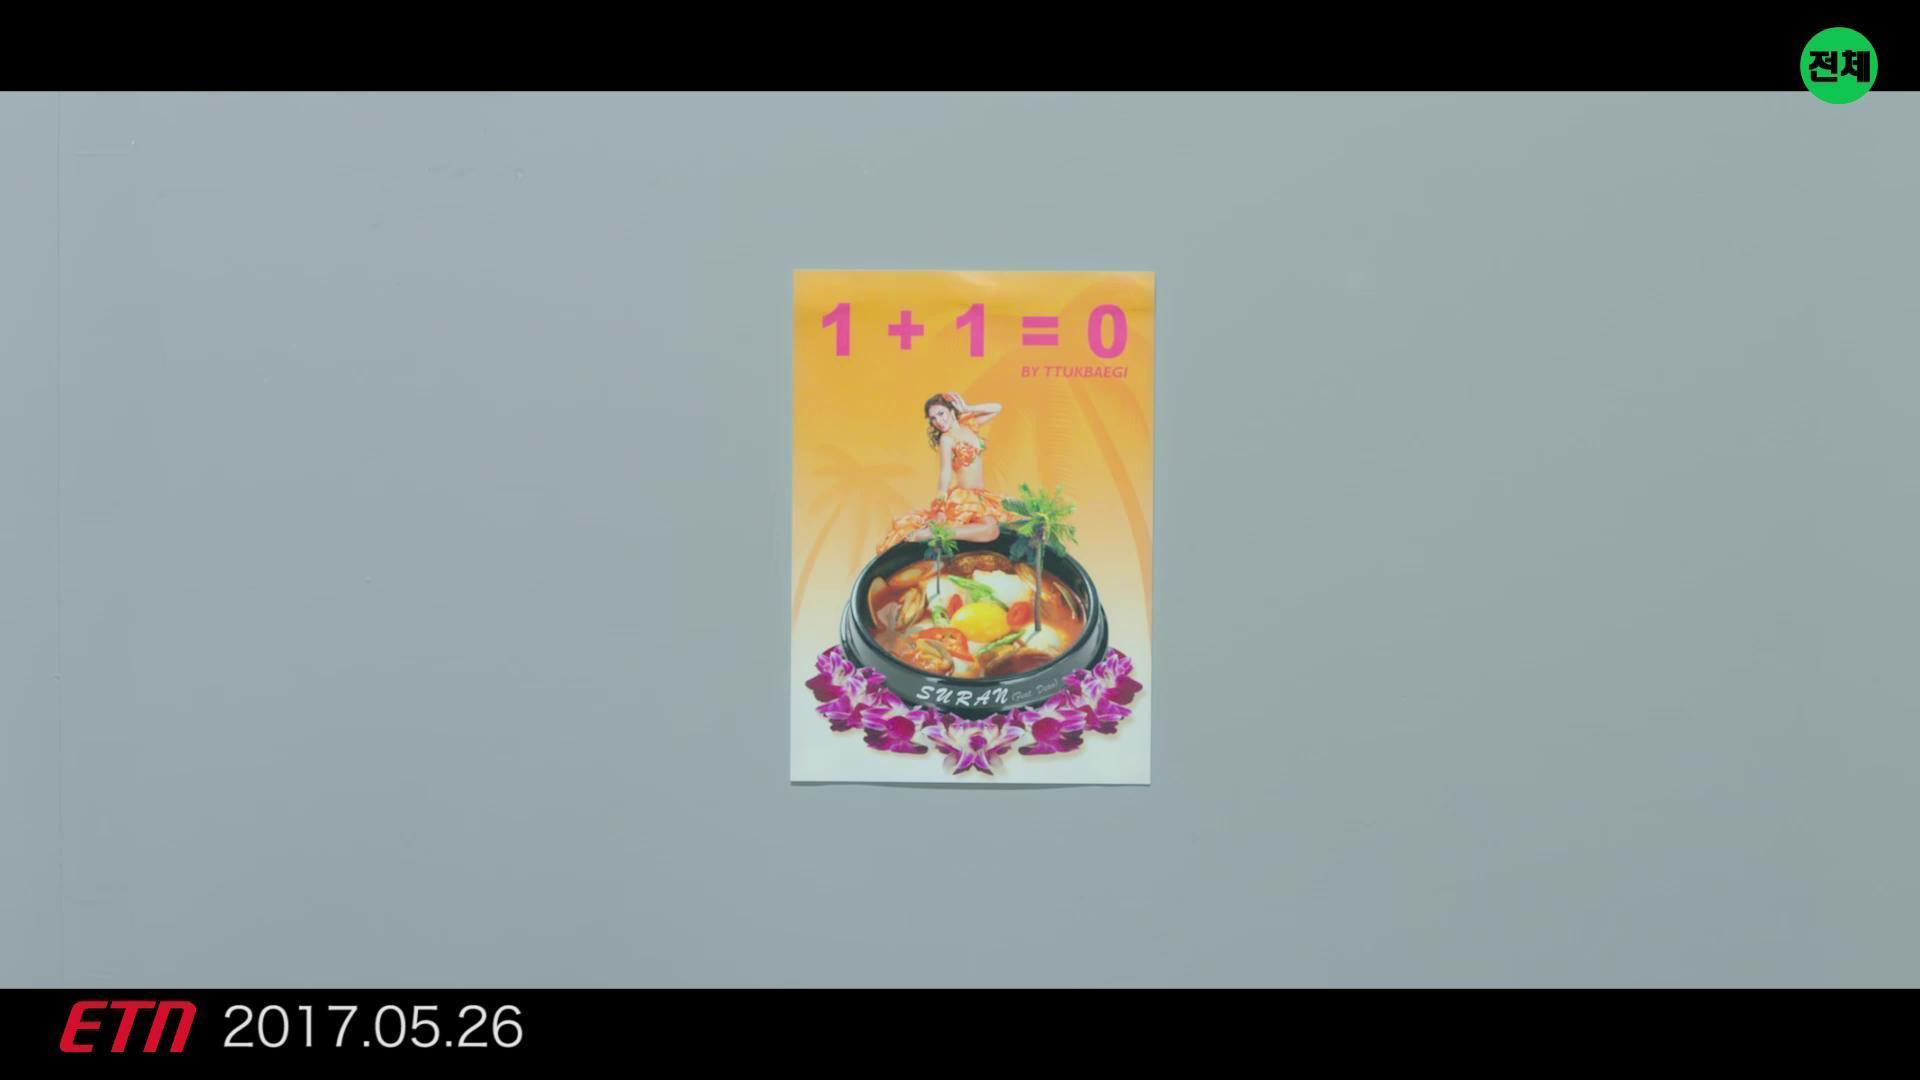 [MV] 수란 _ 1+1=0 (Feat. DEAN)